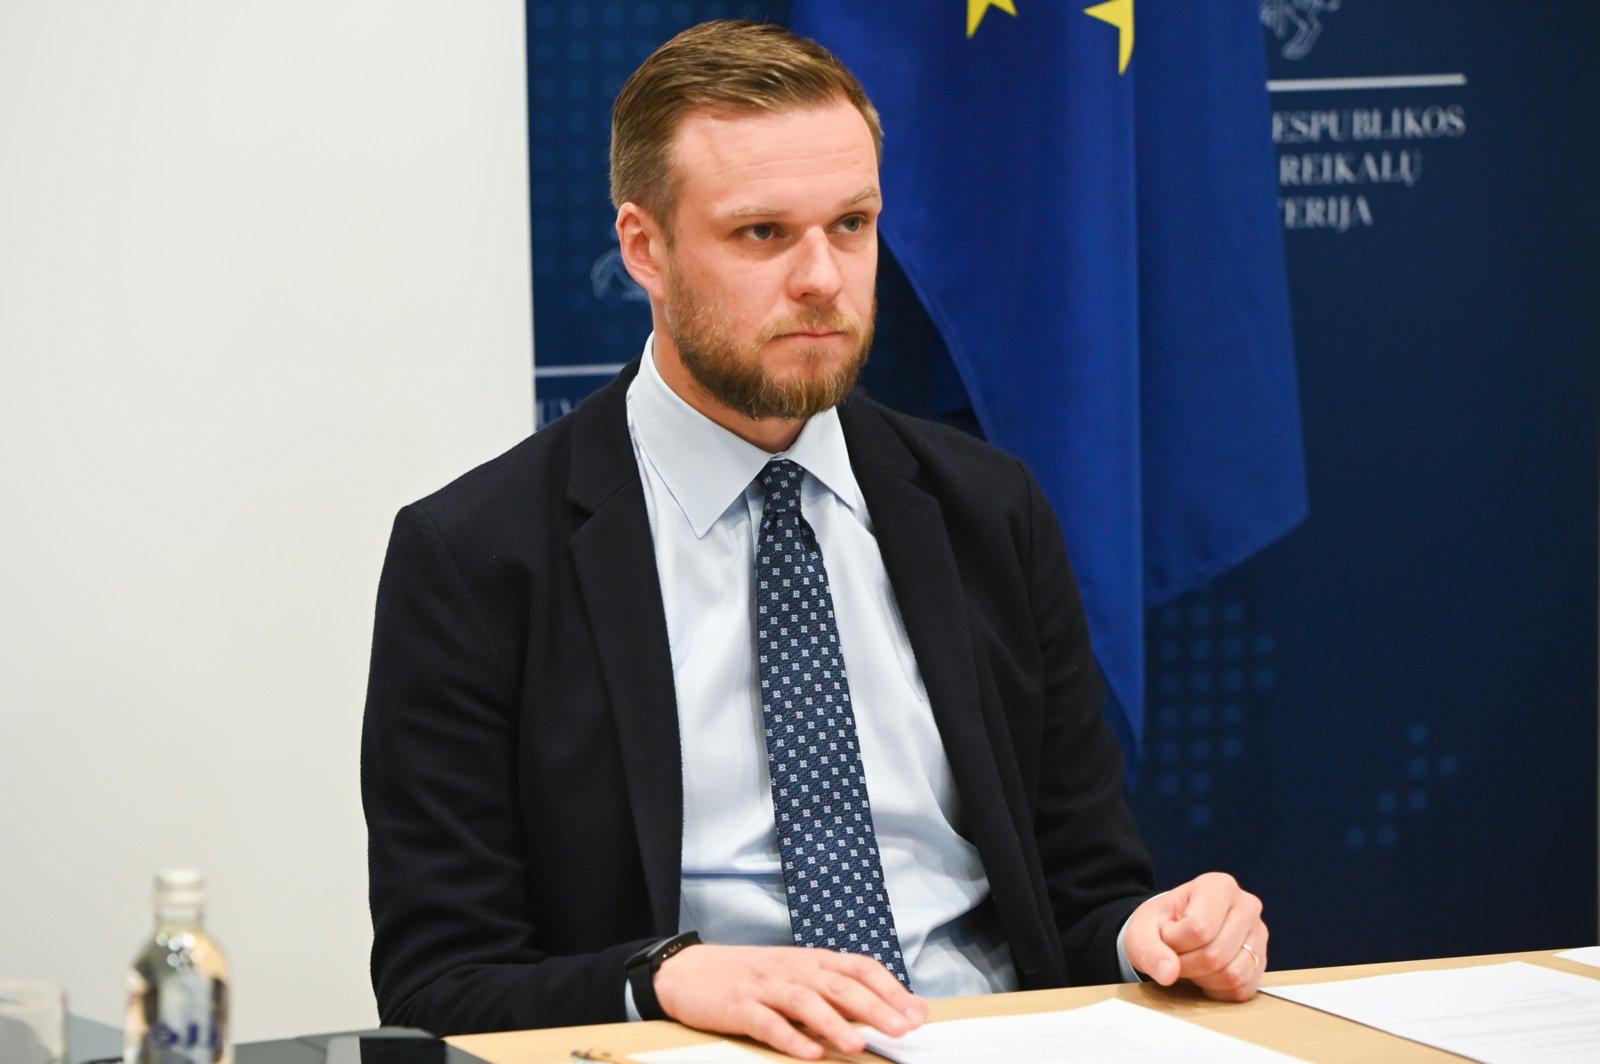 G. Landsbergis apsimetėlių pokalbį laiko provokacija: pasitikiu Žygimantu Pavilioniu